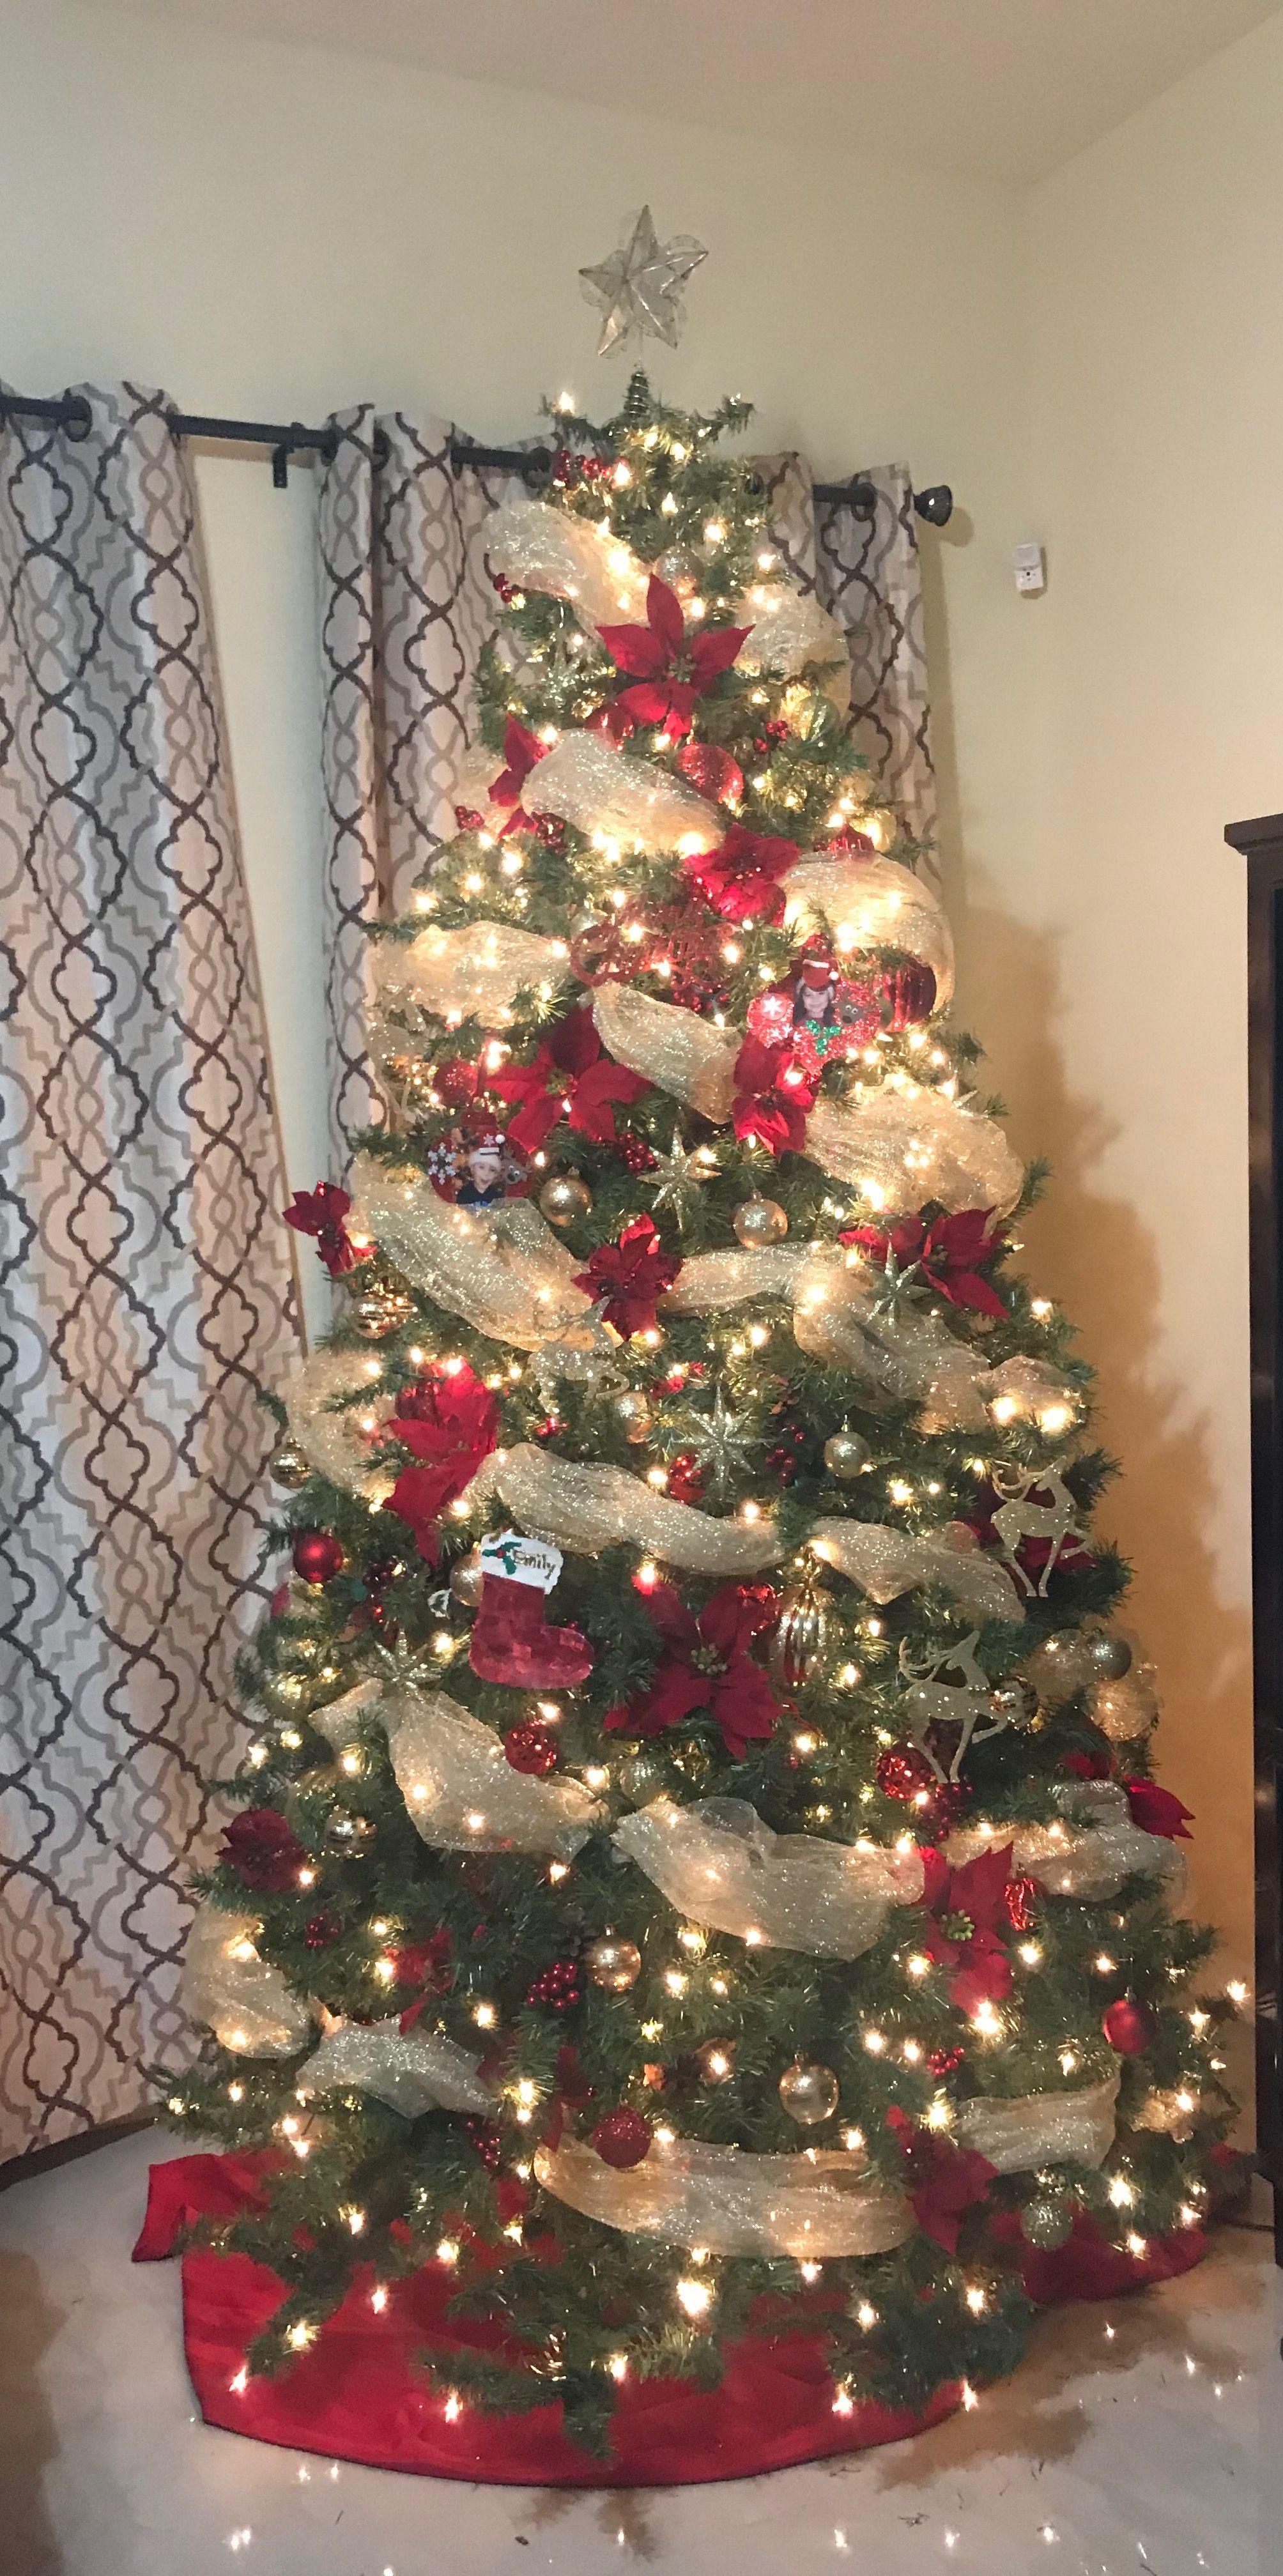 Red And Gold Christmas Tree Gold Christmas Tree Decorations Red And Gold Christmas Tree Holiday Christmas Tree